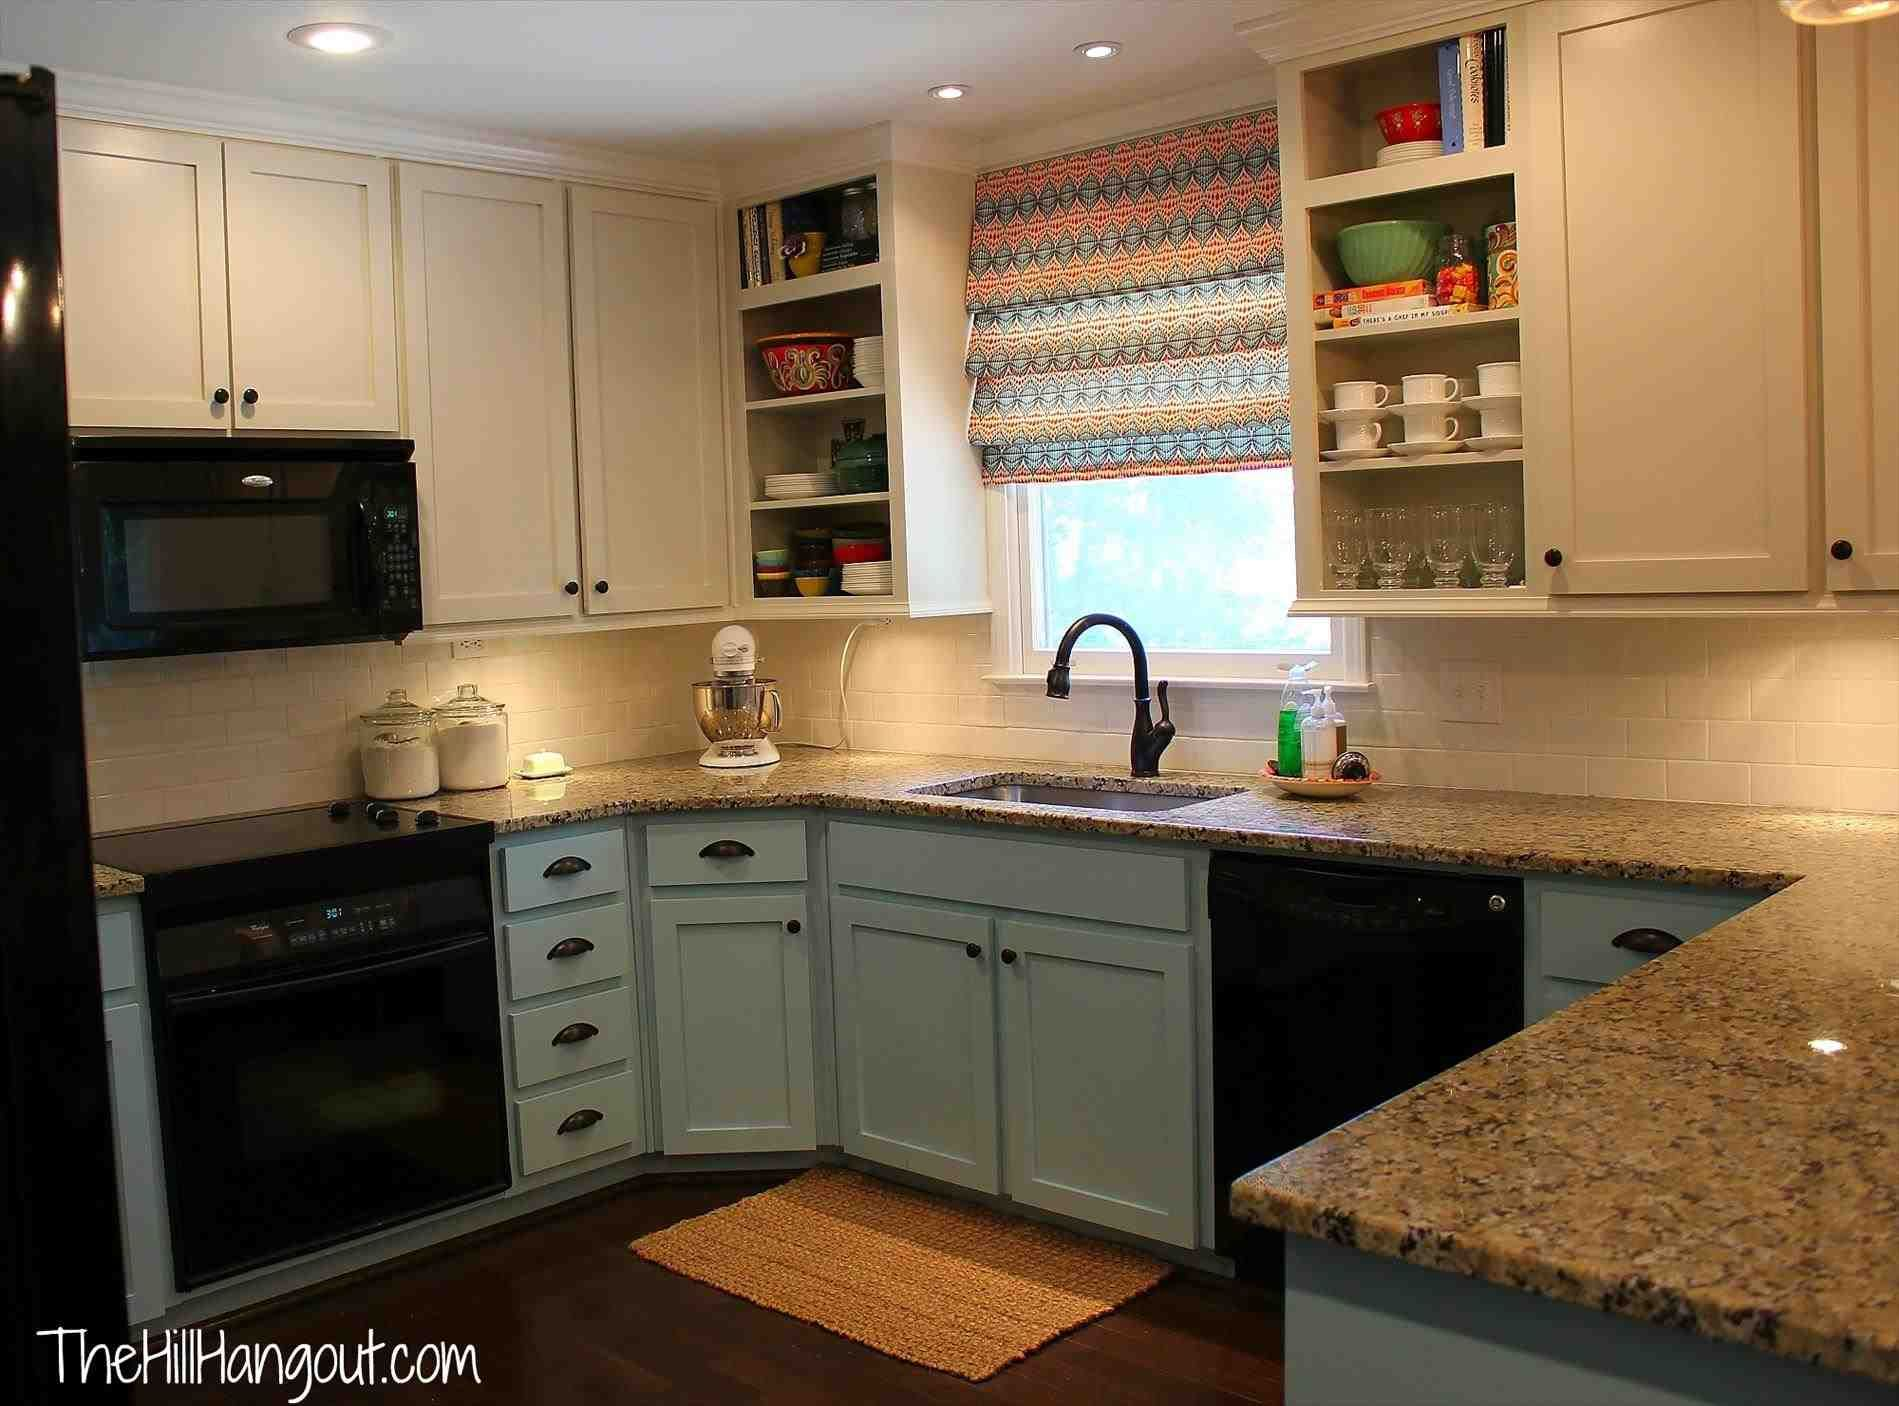 New Black Bottom And White Top Kitchen Cabinets At Temasistemi Net Kitchen Renovation Kitchen Design Home Kitchens